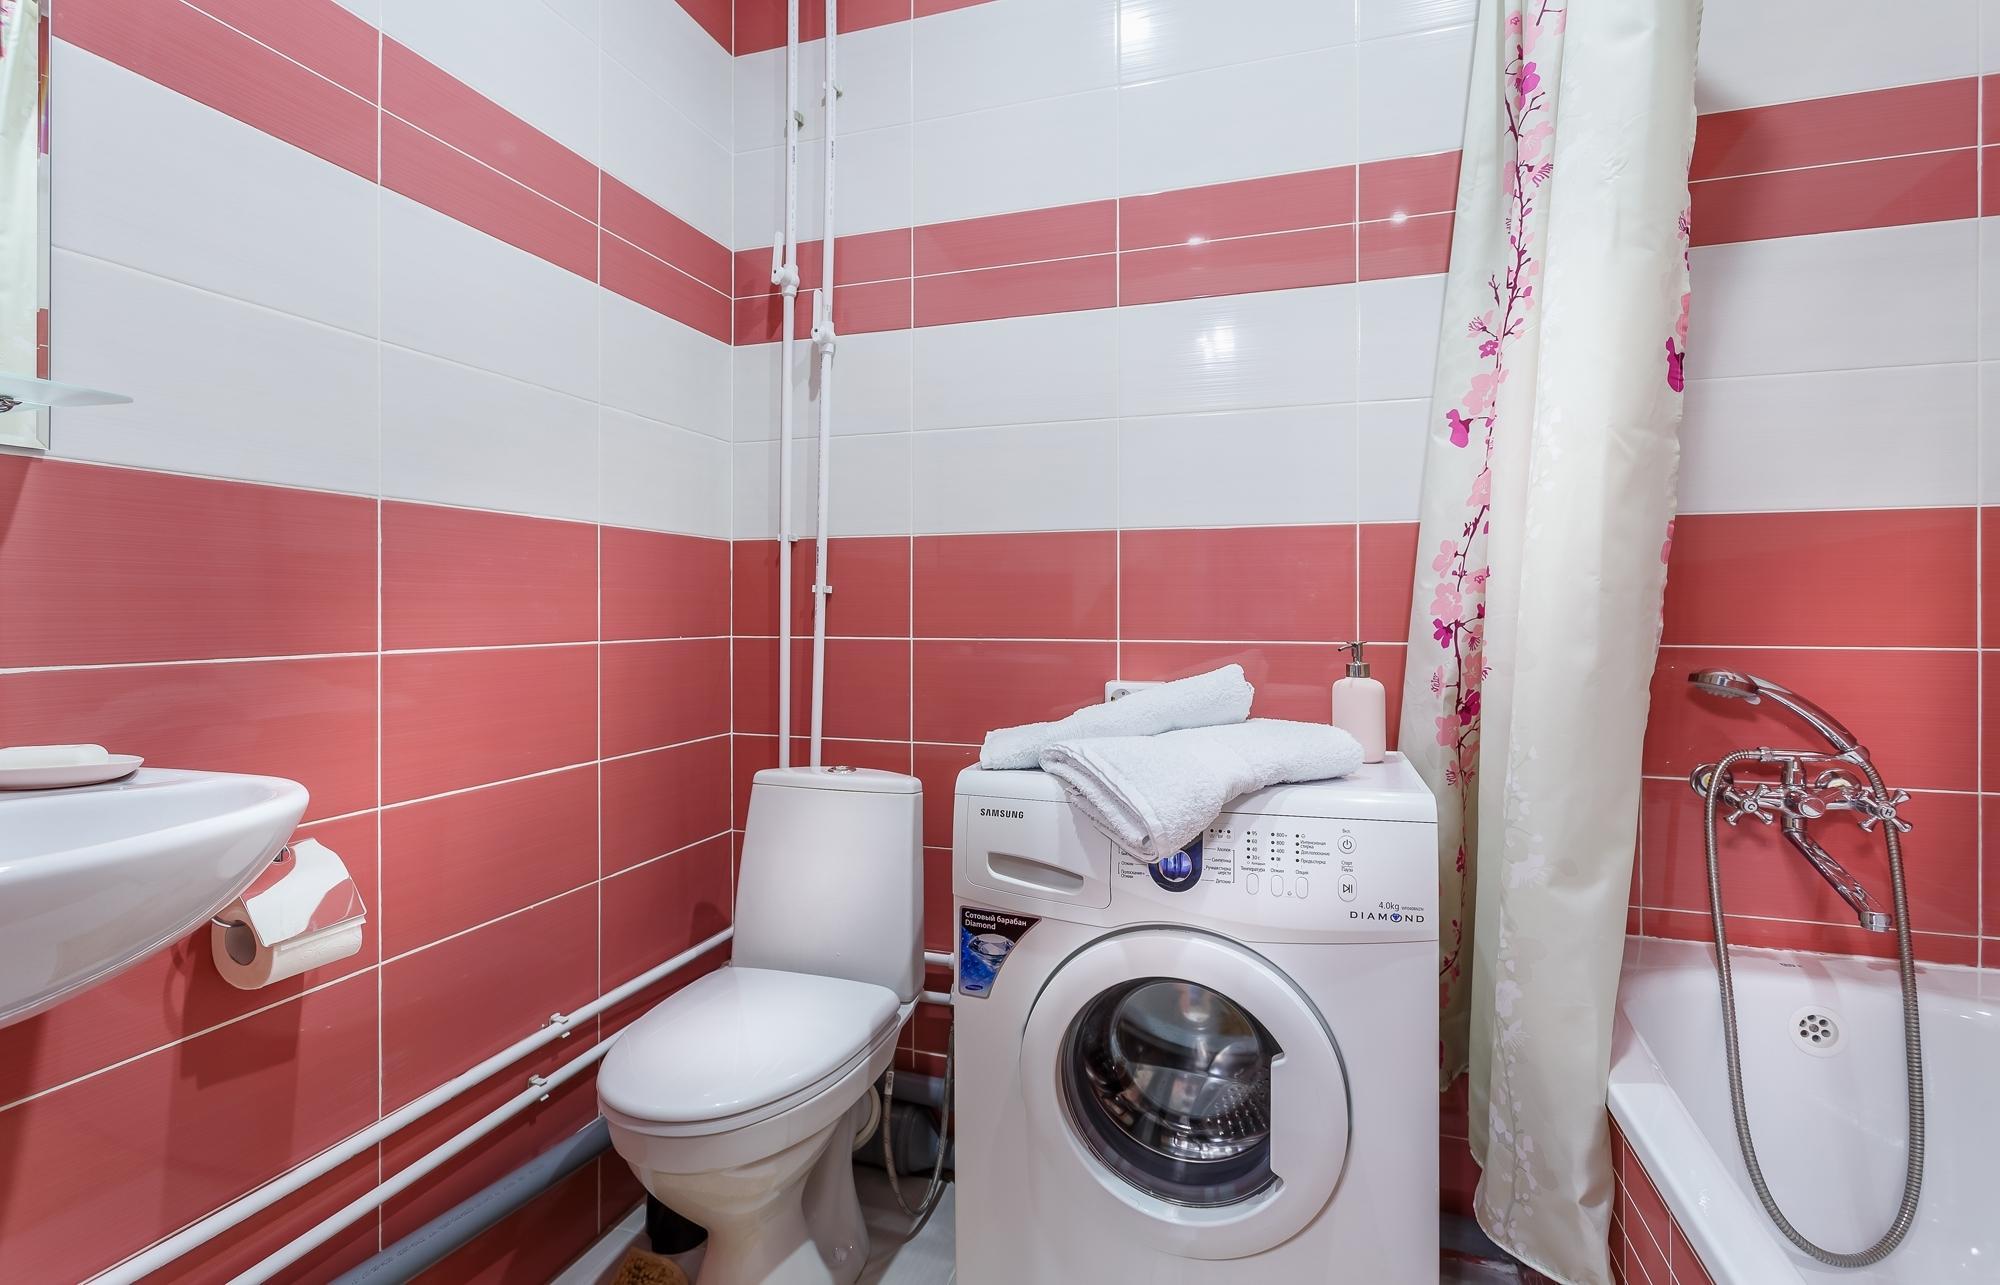 Квартира, студия, 25 м² в Мытищах 89670505157 купить 5